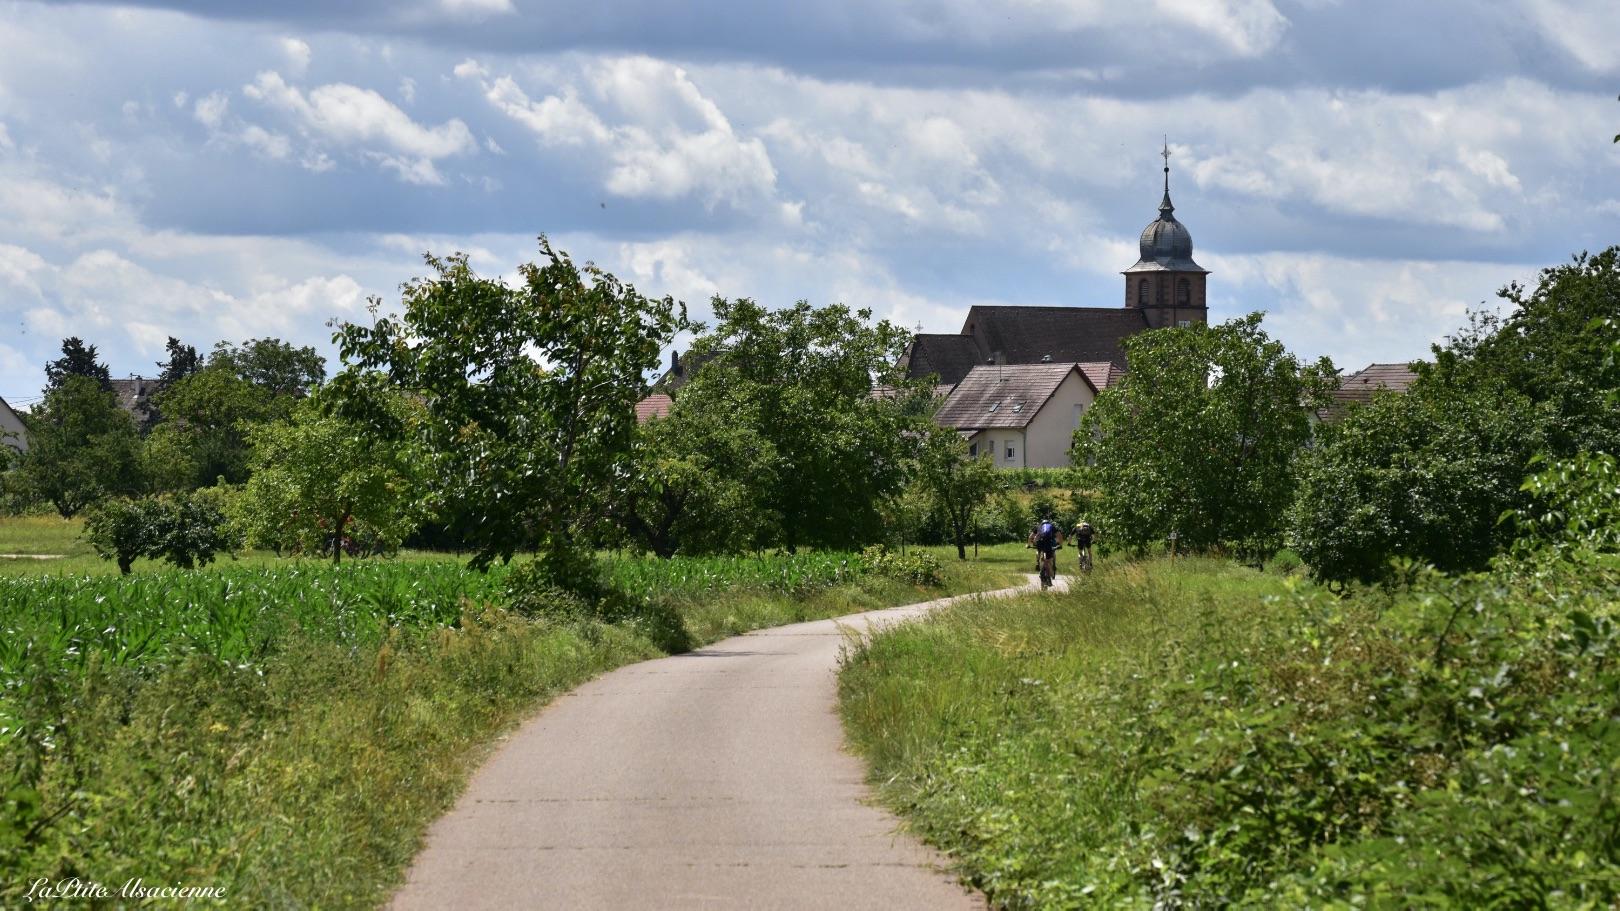 Vue sur l'église de Bergholtz depuis la piste cyclable - Photo by LaPtiteAlsacienne Cendrine Miesch